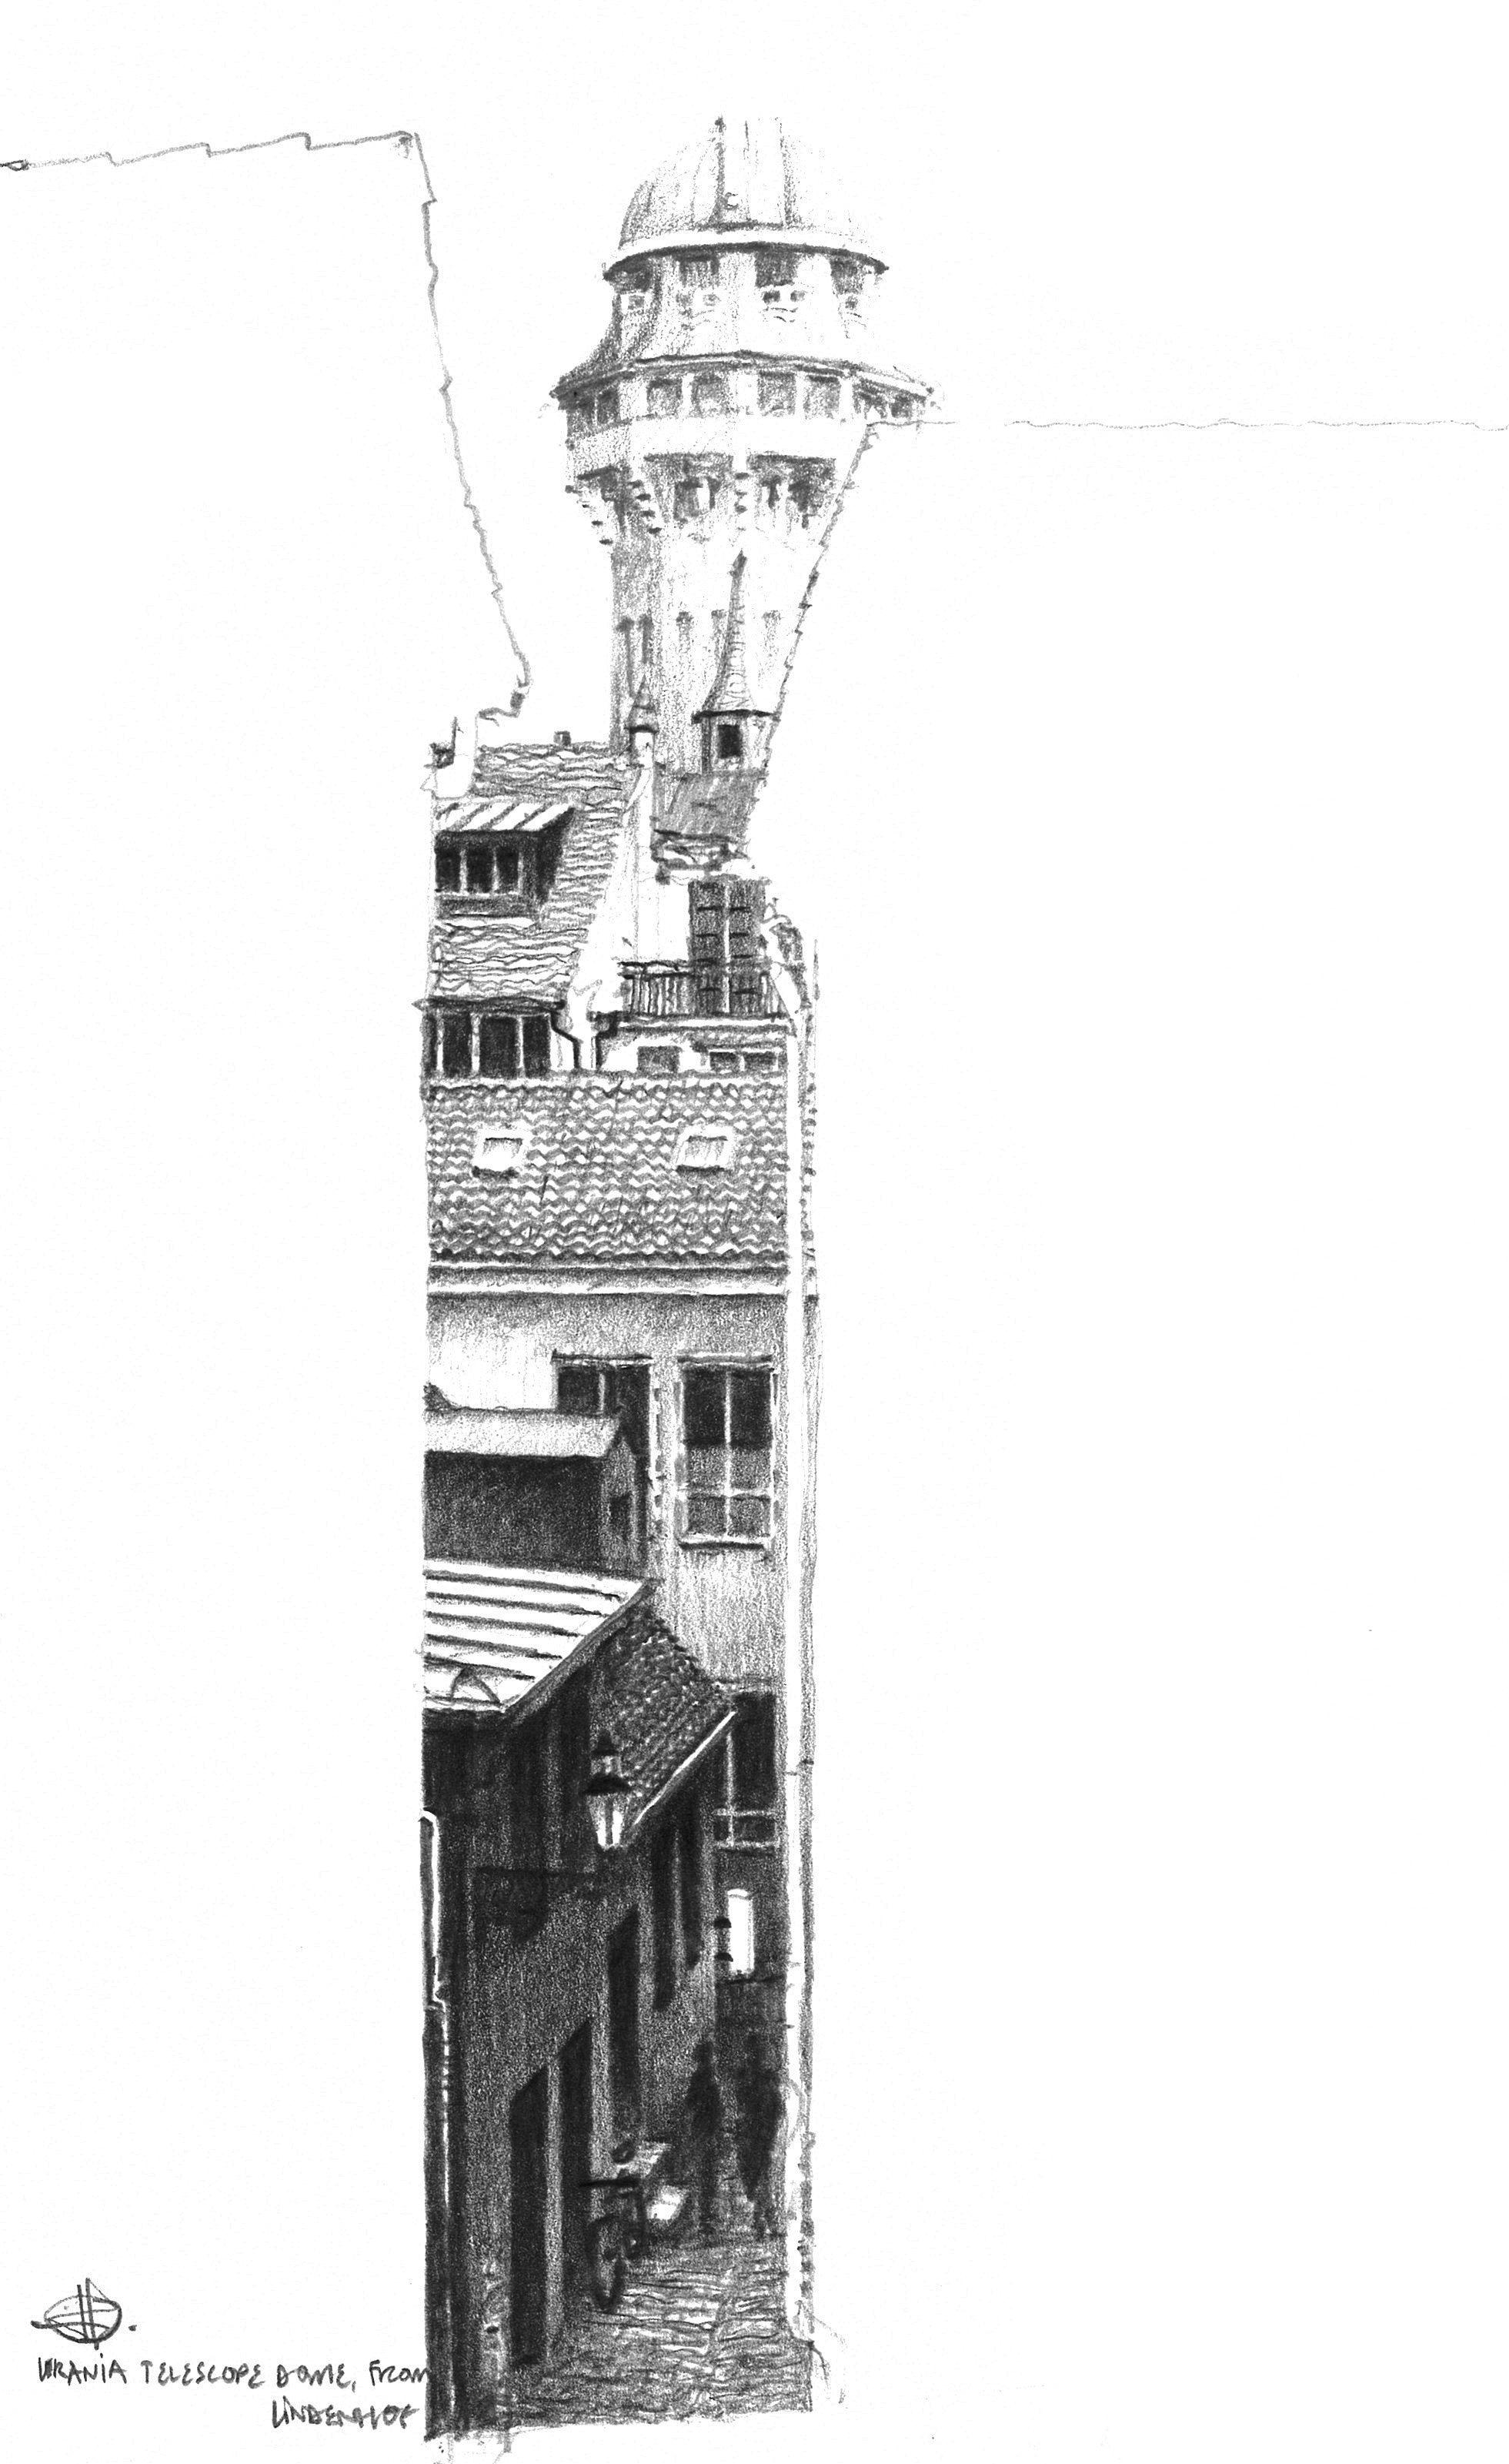 Urania Tower, Zurich Altstadt